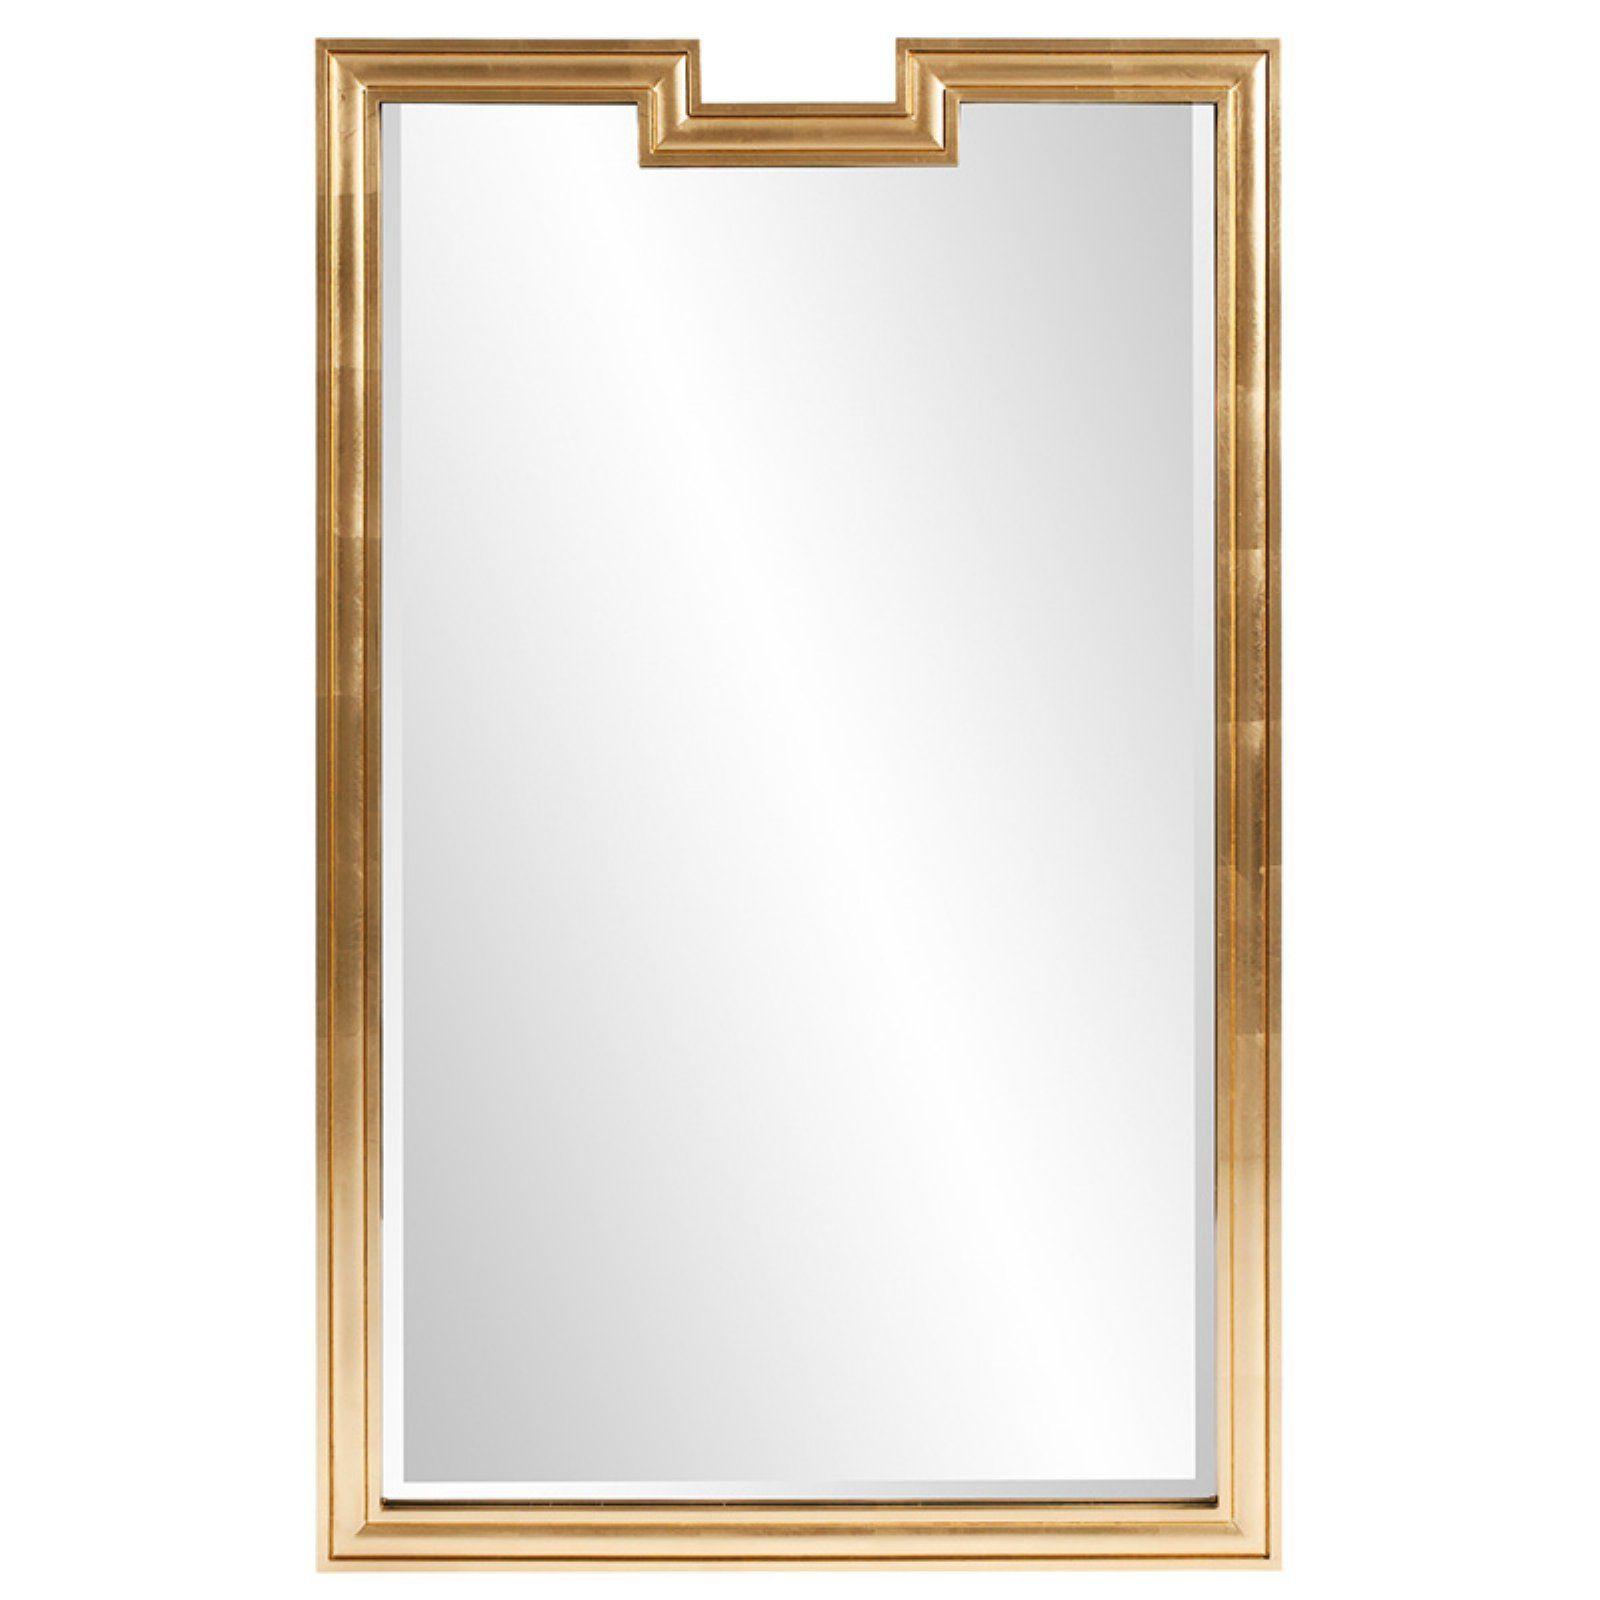 Elizabeth Austin Danube Wall Mirror - 30W x 48H in   Mirror wall, Mirror decor, Accent mirrors